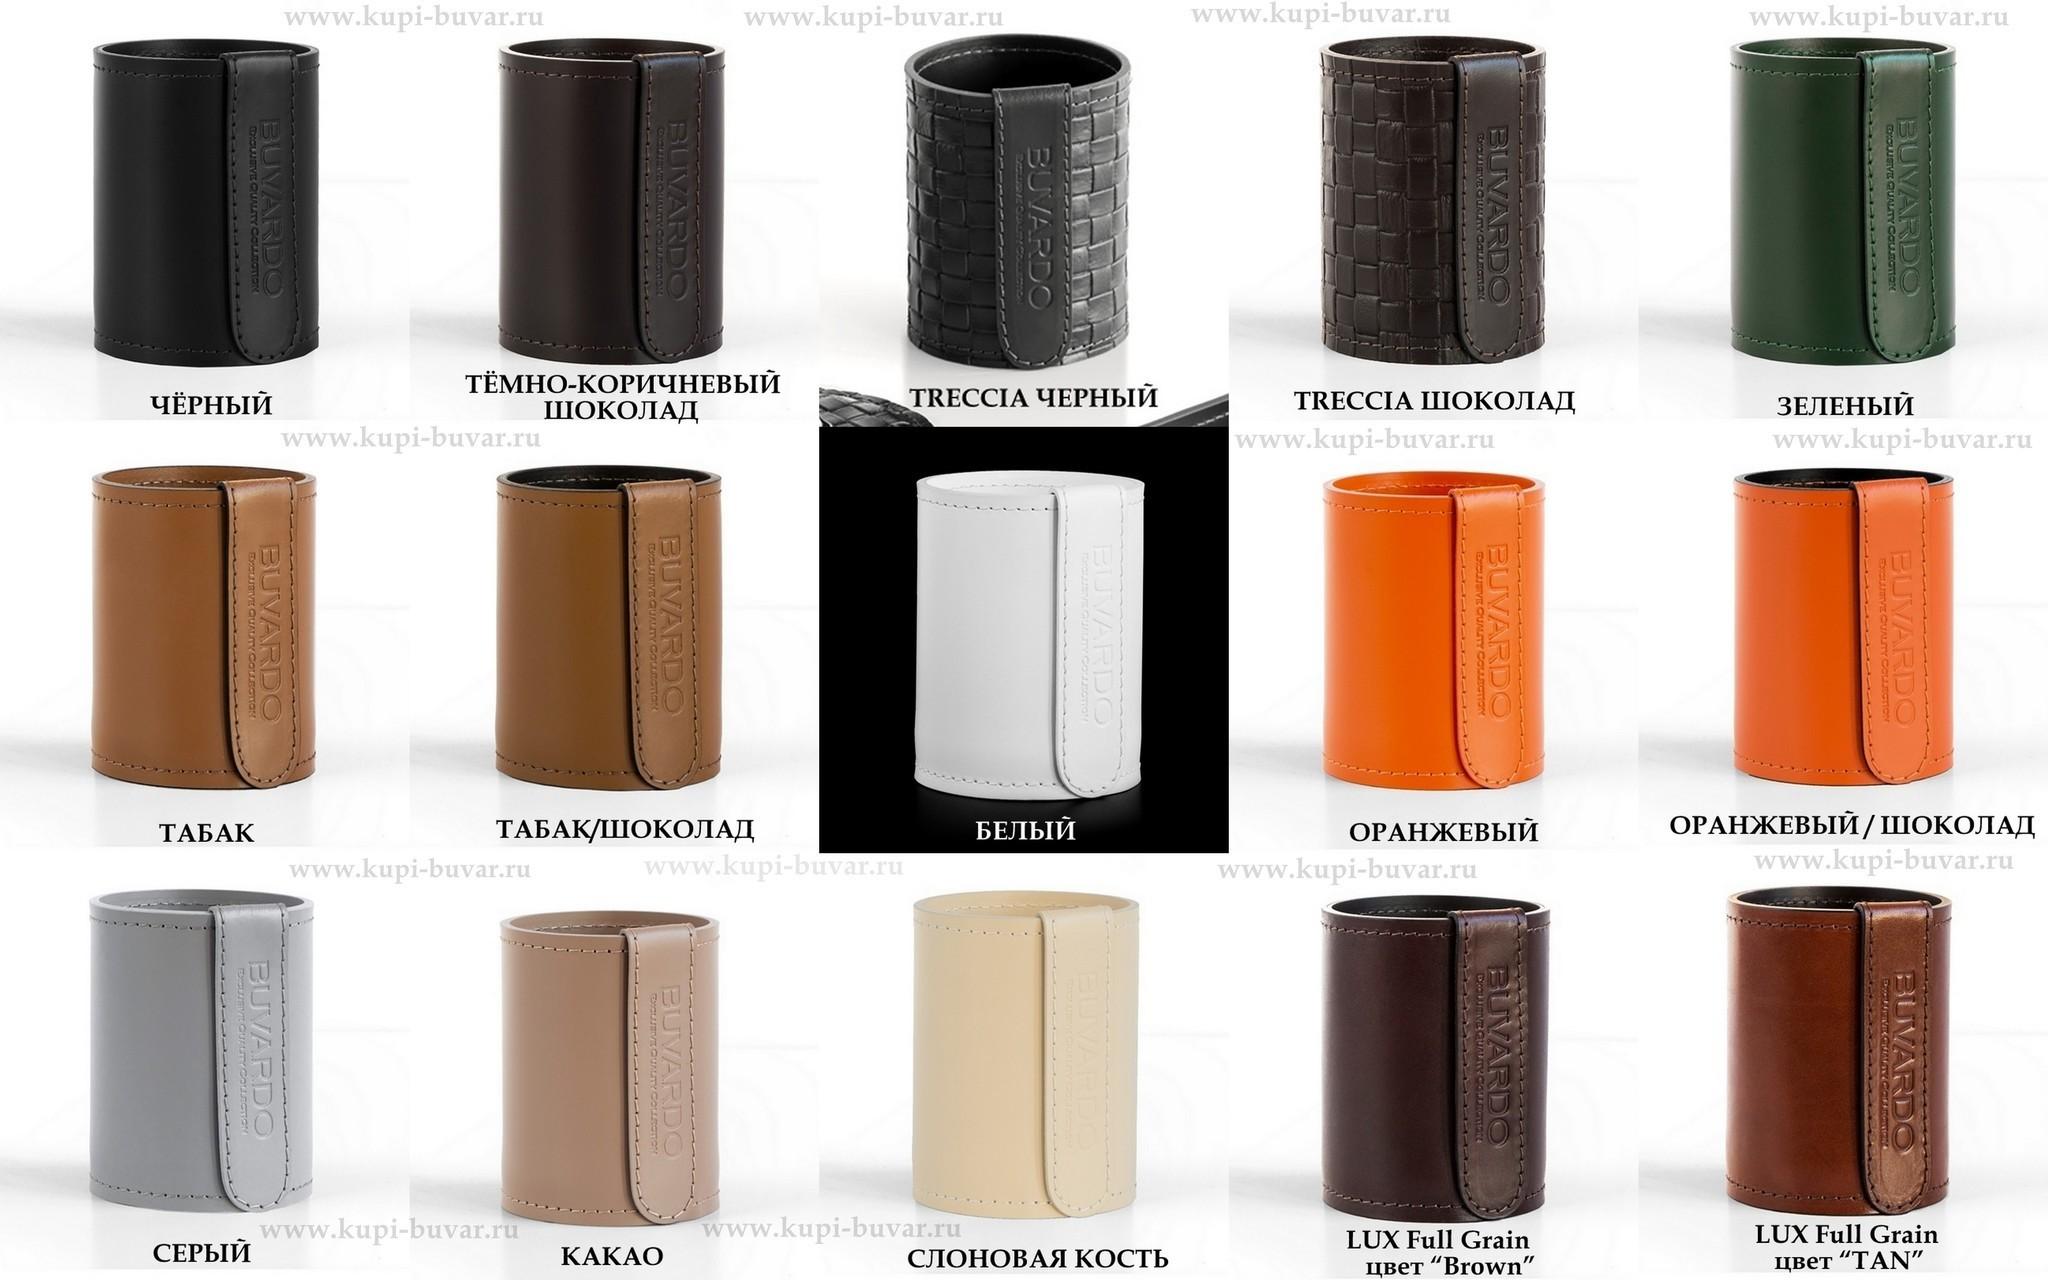 Варианты цвета кожи Cuoietto в которых возможно изготовление набора 60020.